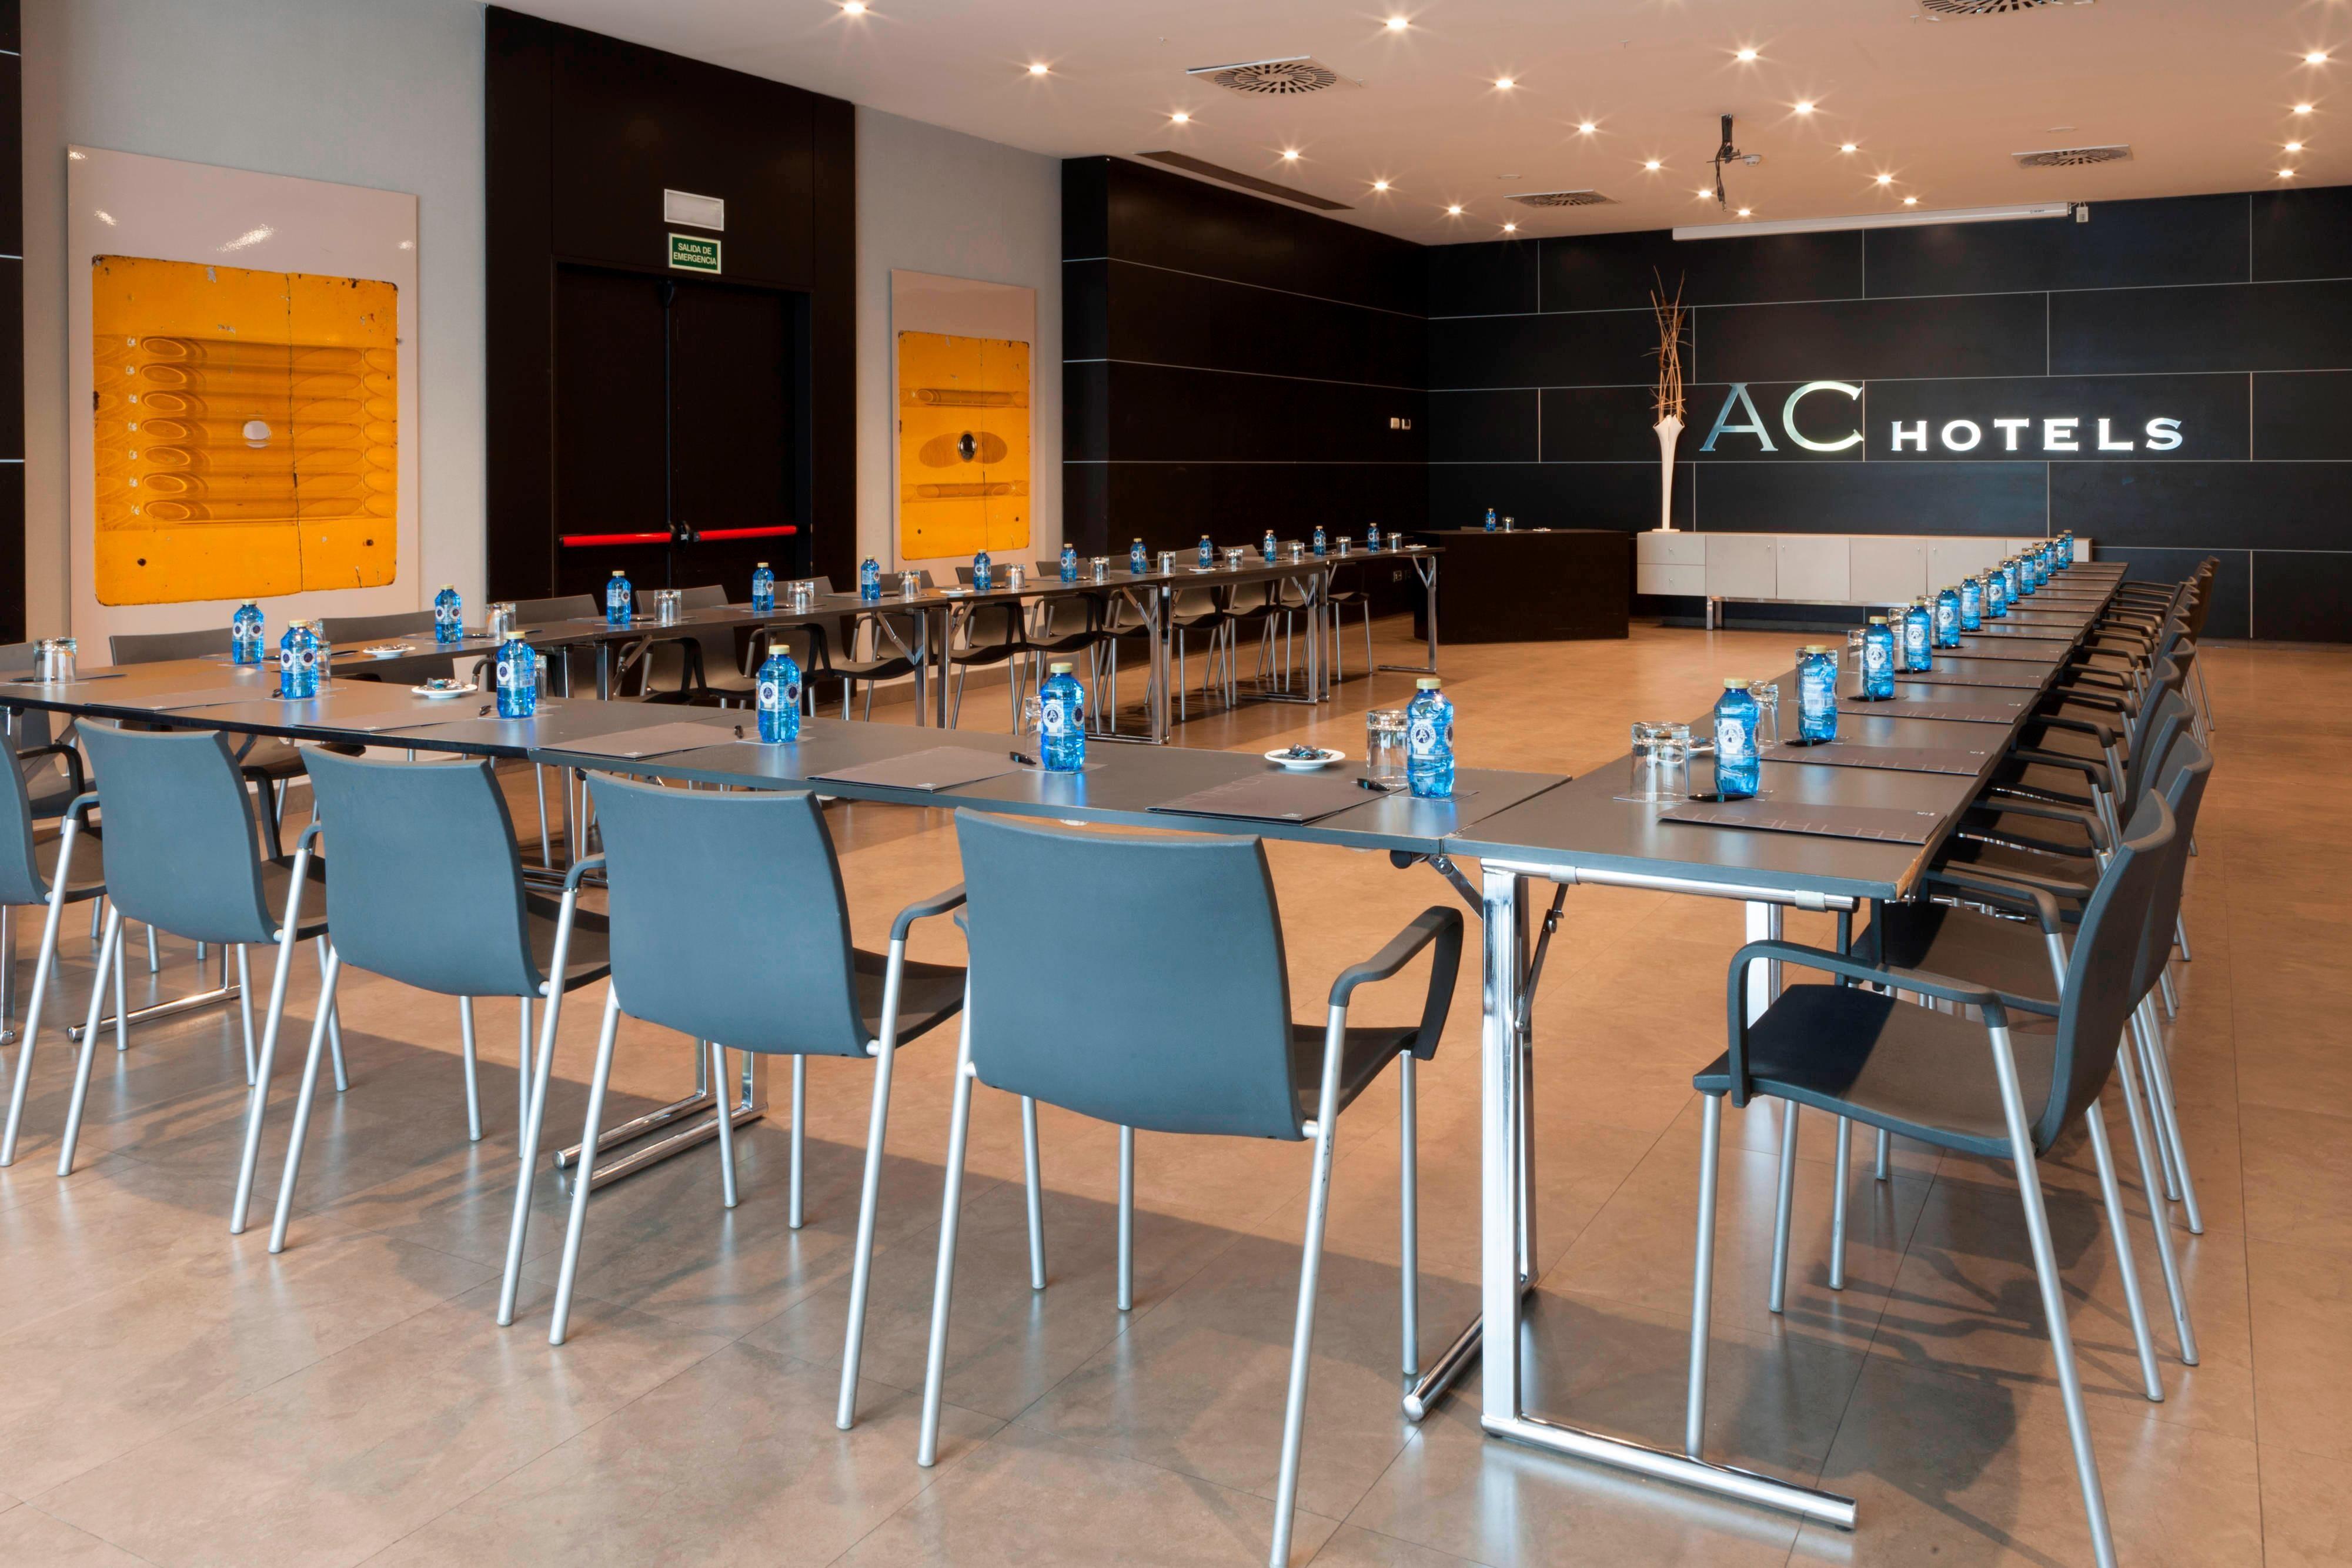 Hôtel avec salles de réunion à Madrid